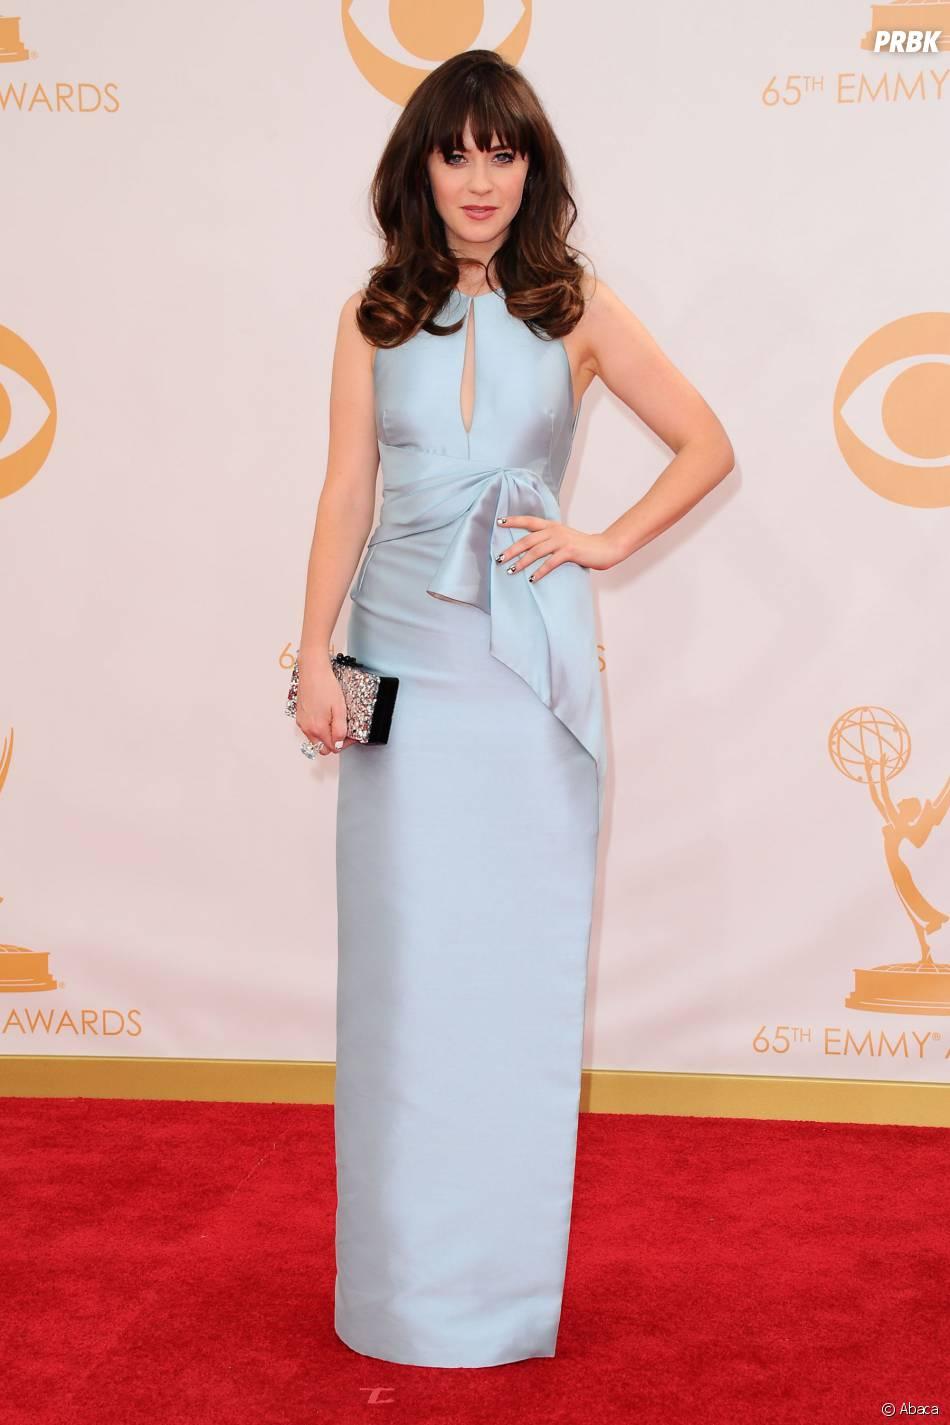 Zooey Deschanel aux Emmy Awards 2013 le 22 septembre 2013 à Los Angeles